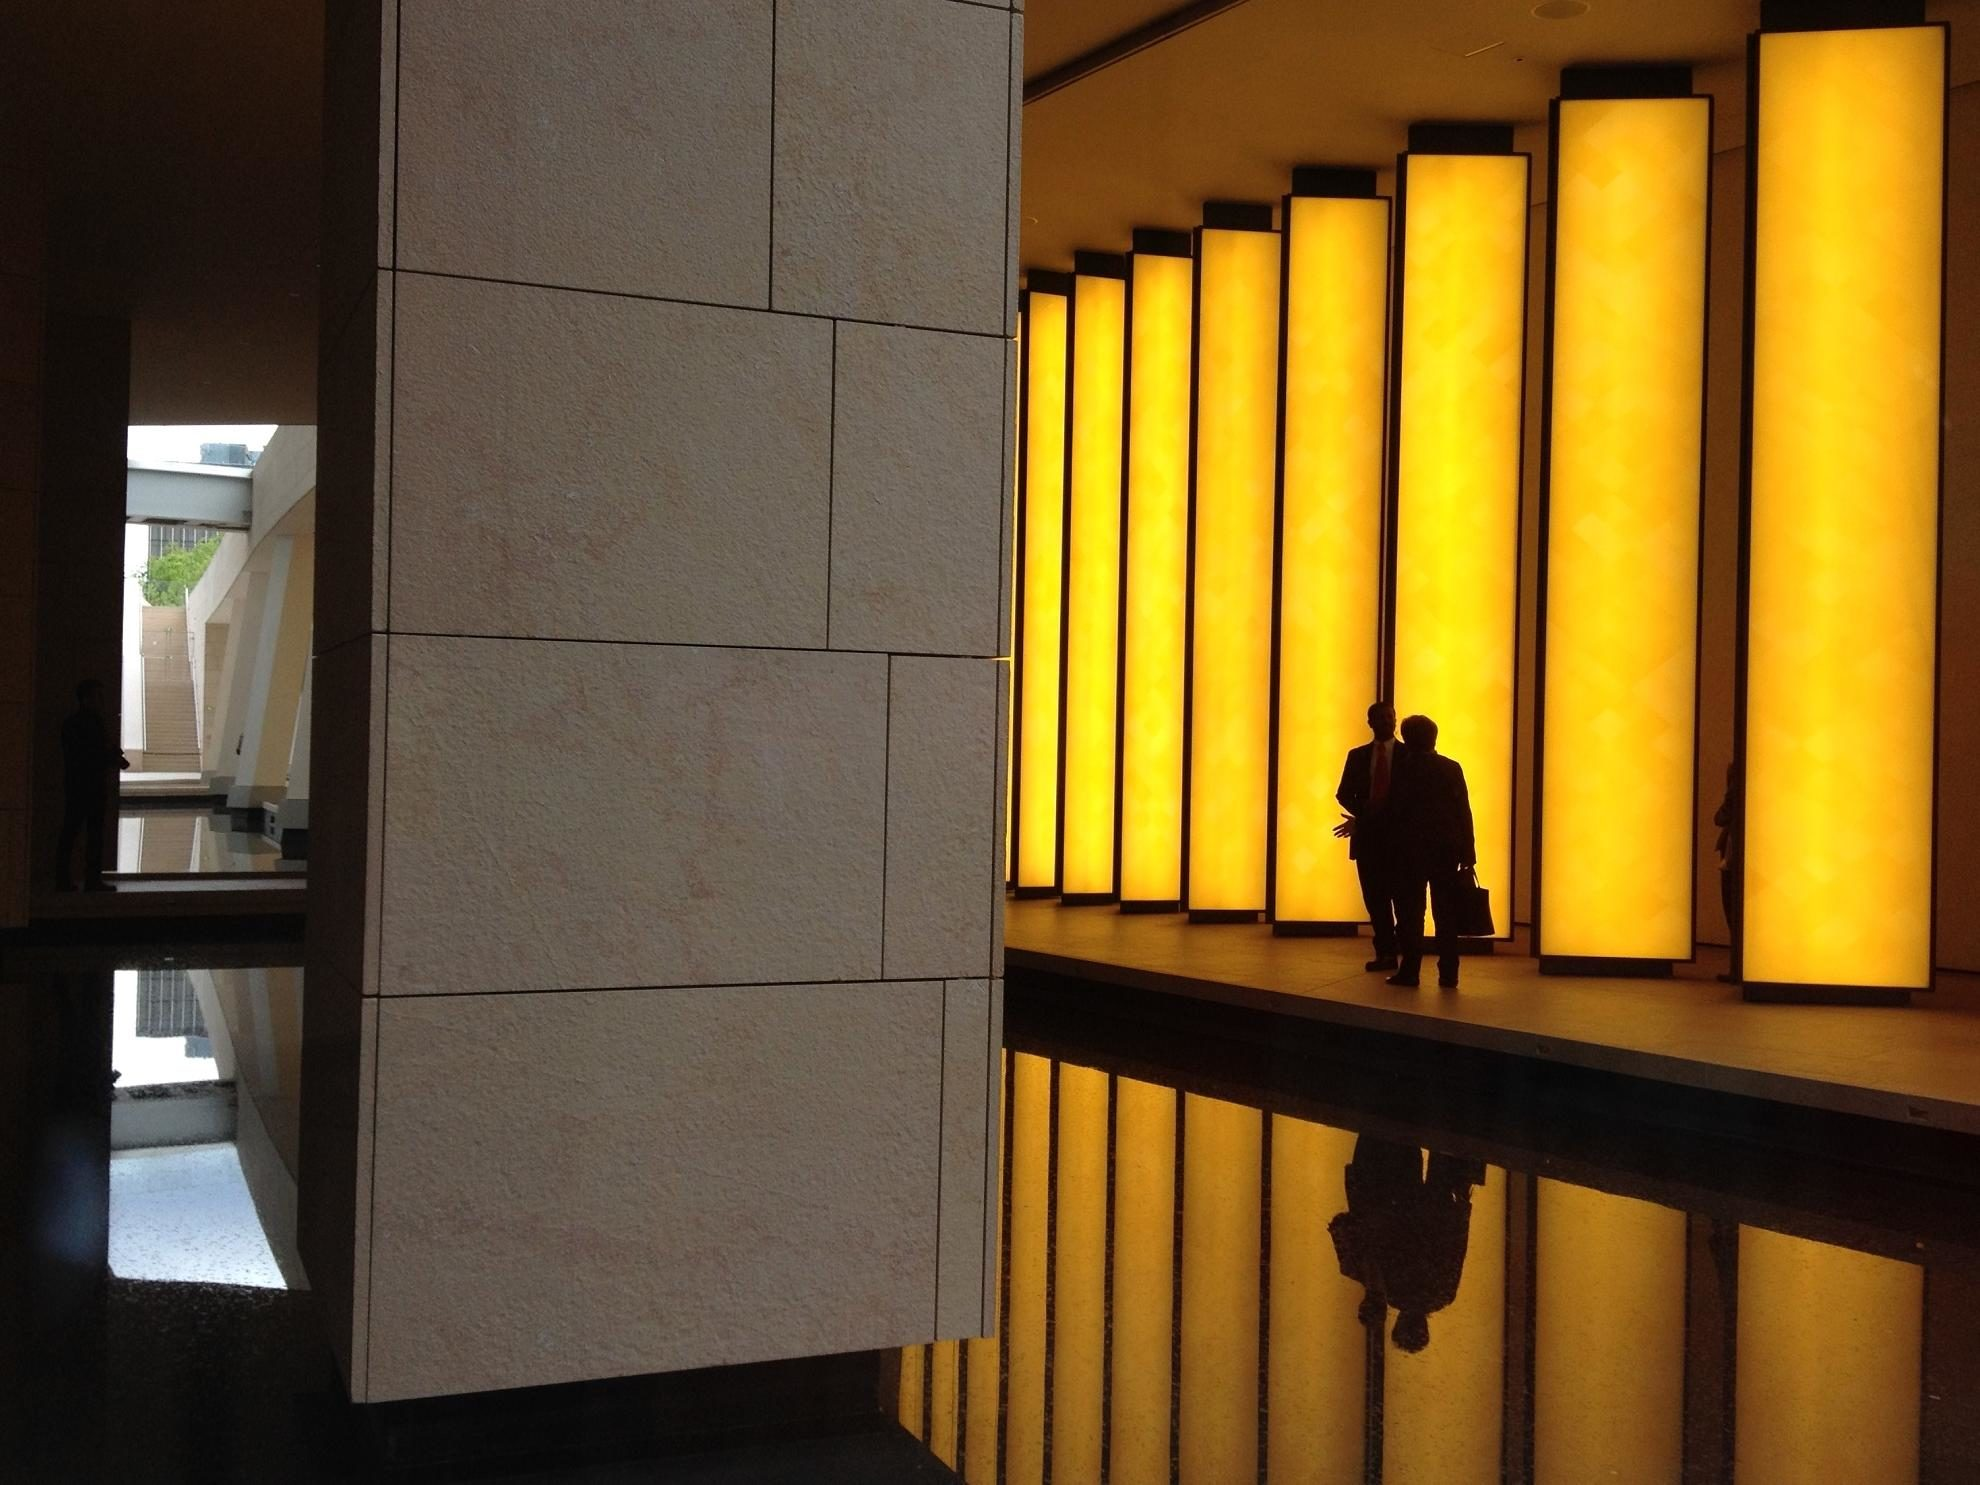 Kostenlose Bild: Interieur, Architektur, Museum, Stadt, Fenster ...